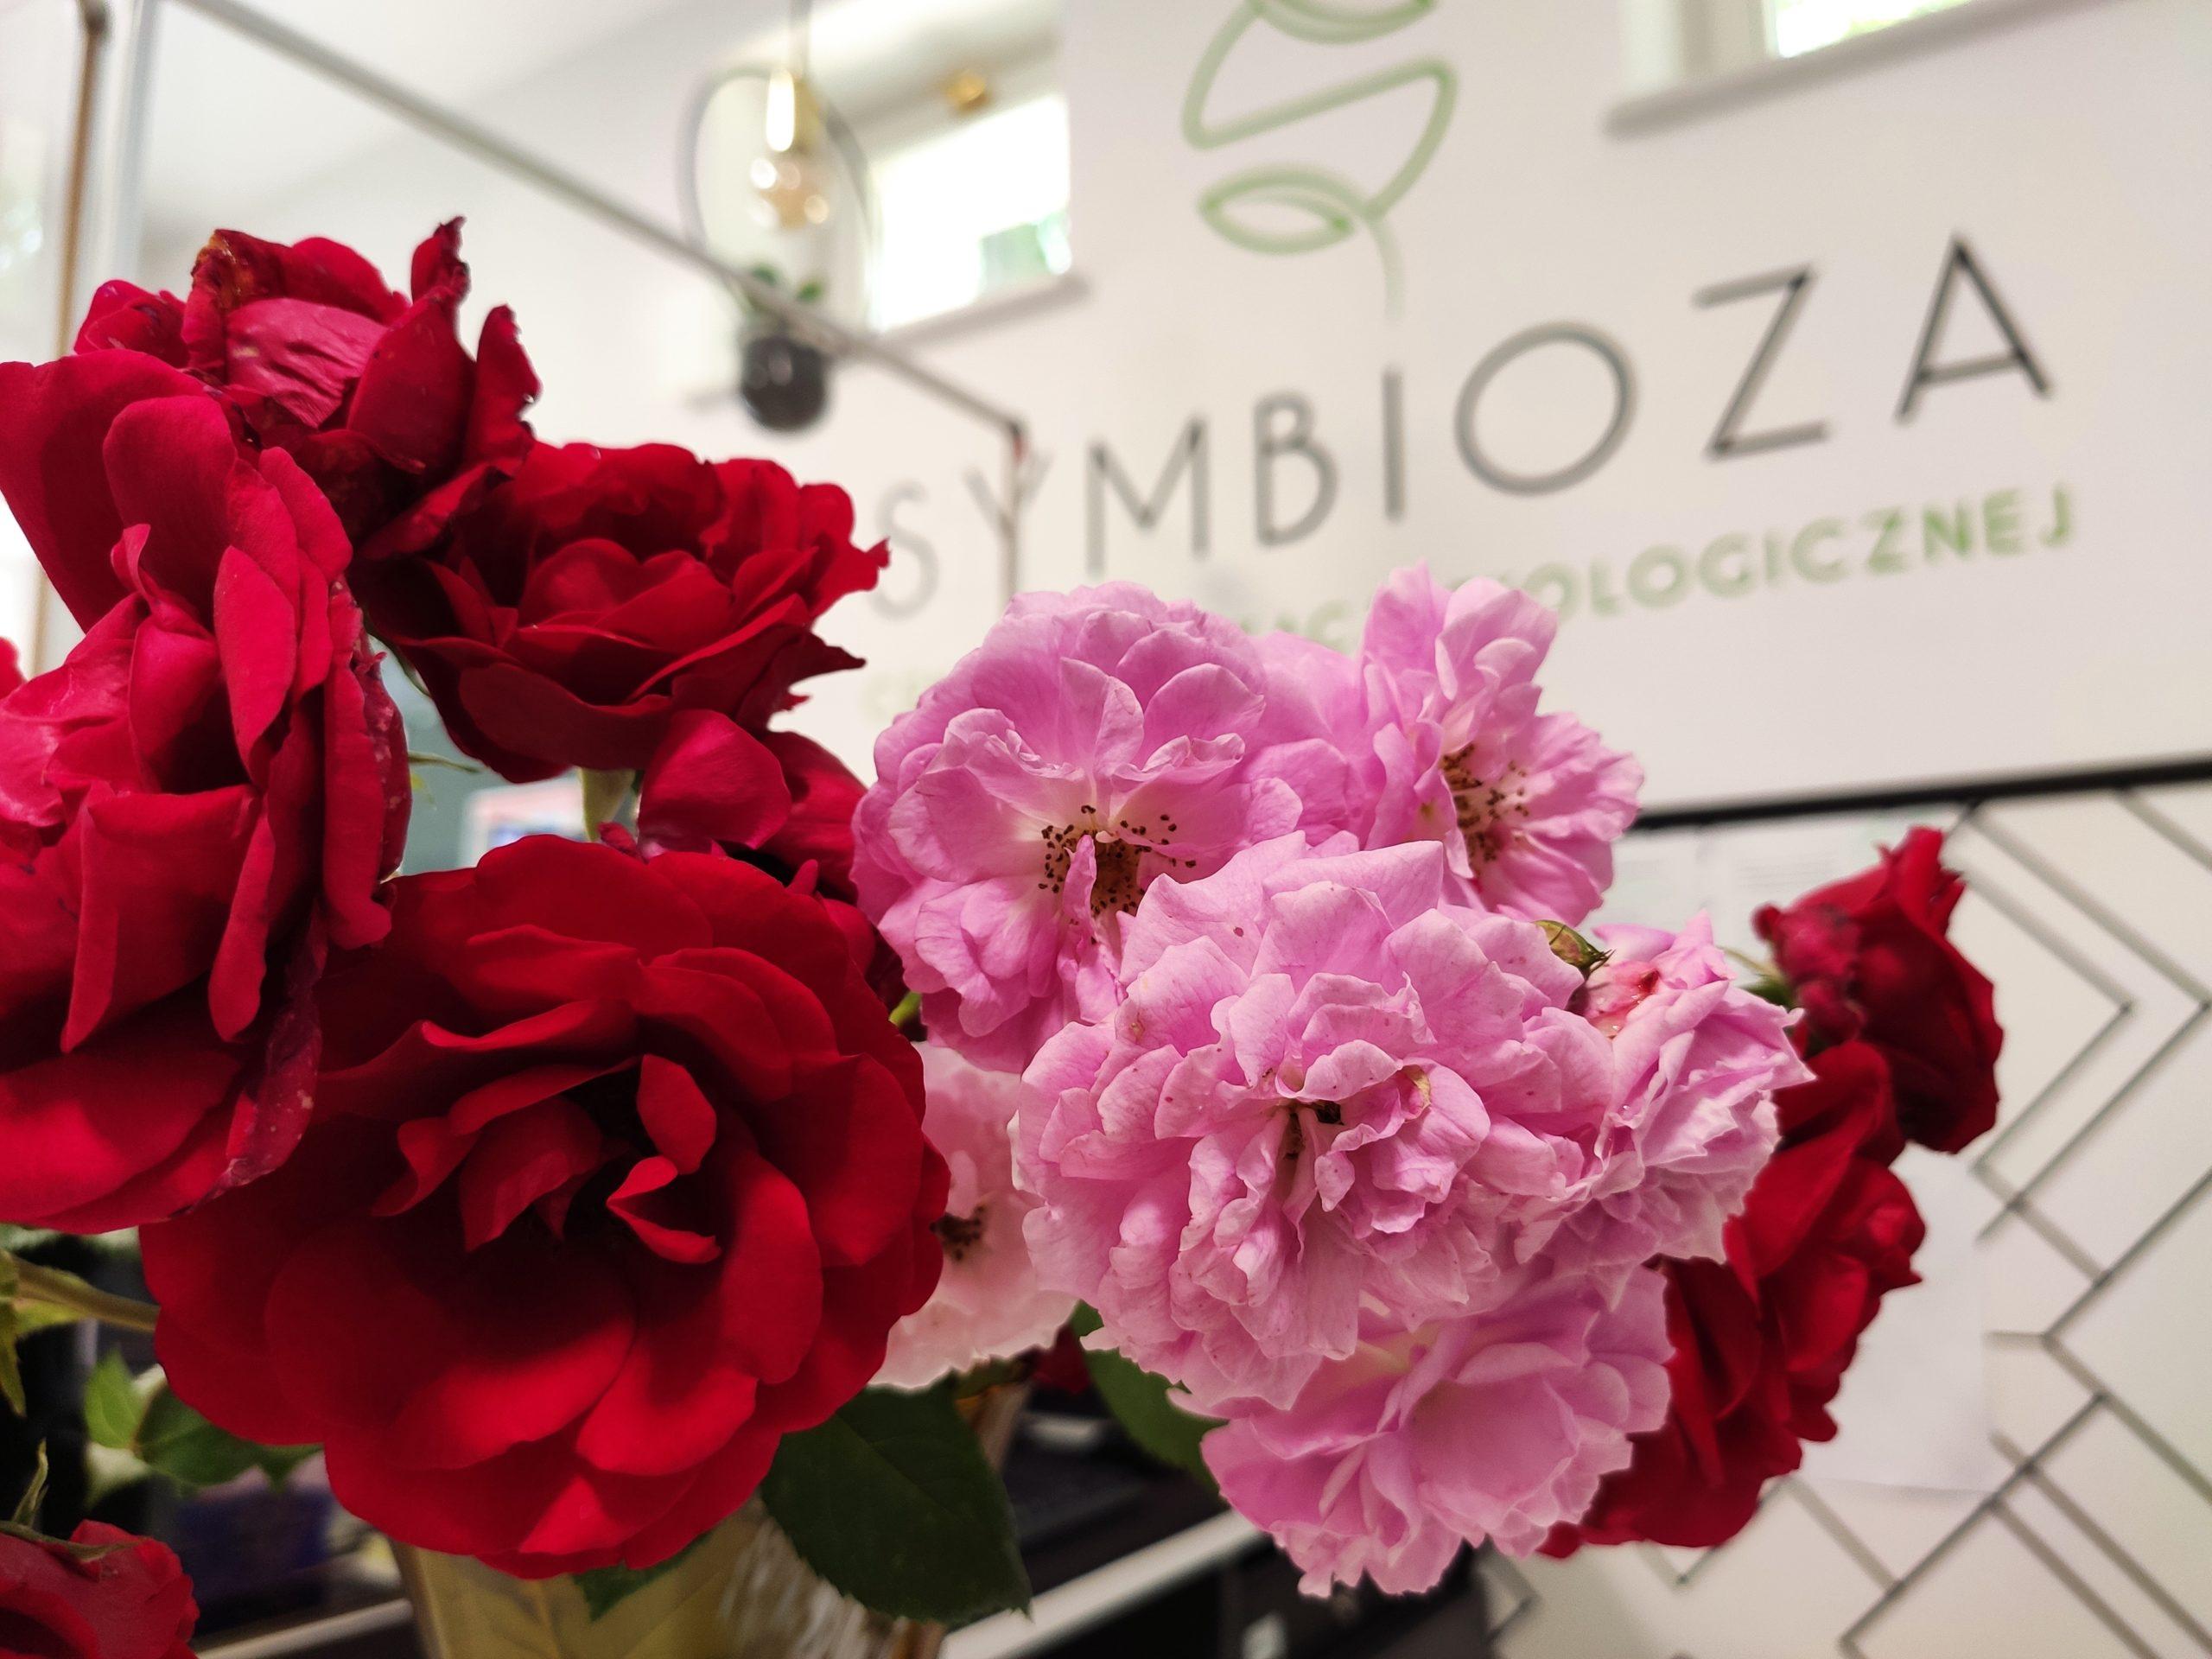 Zdjęcie przedstawiające czerwone róże w wazonie na recepcji CEE Symbioza